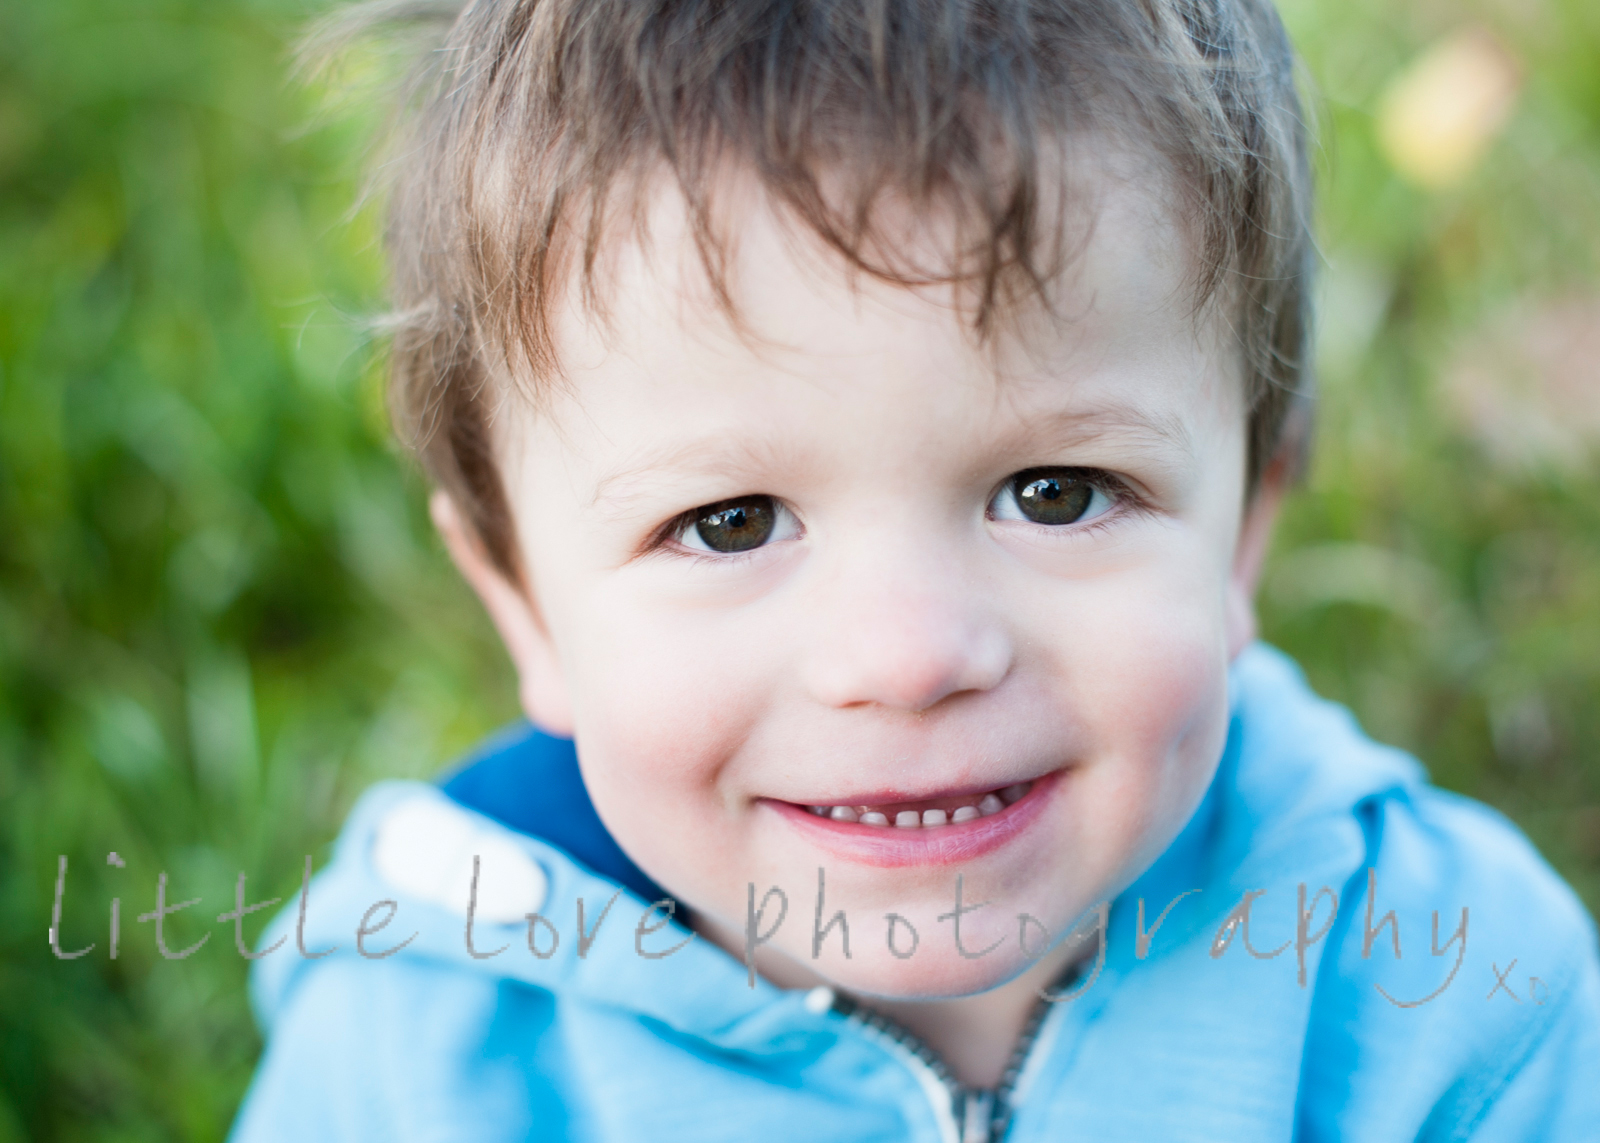 familyphotographysydney028.jpg